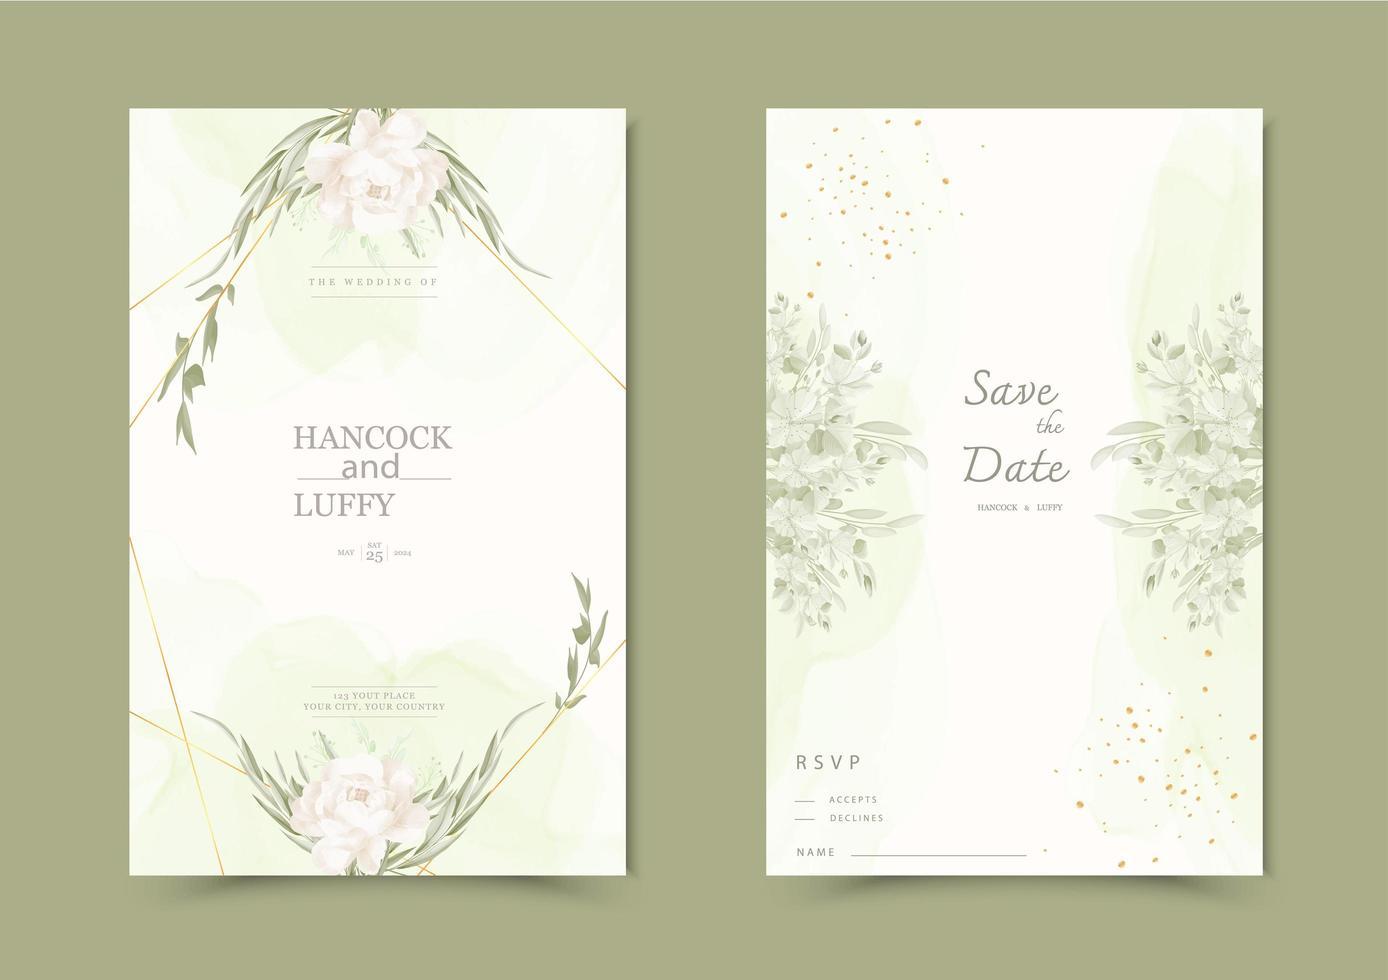 carta di invito matrimonio floreale. vettore